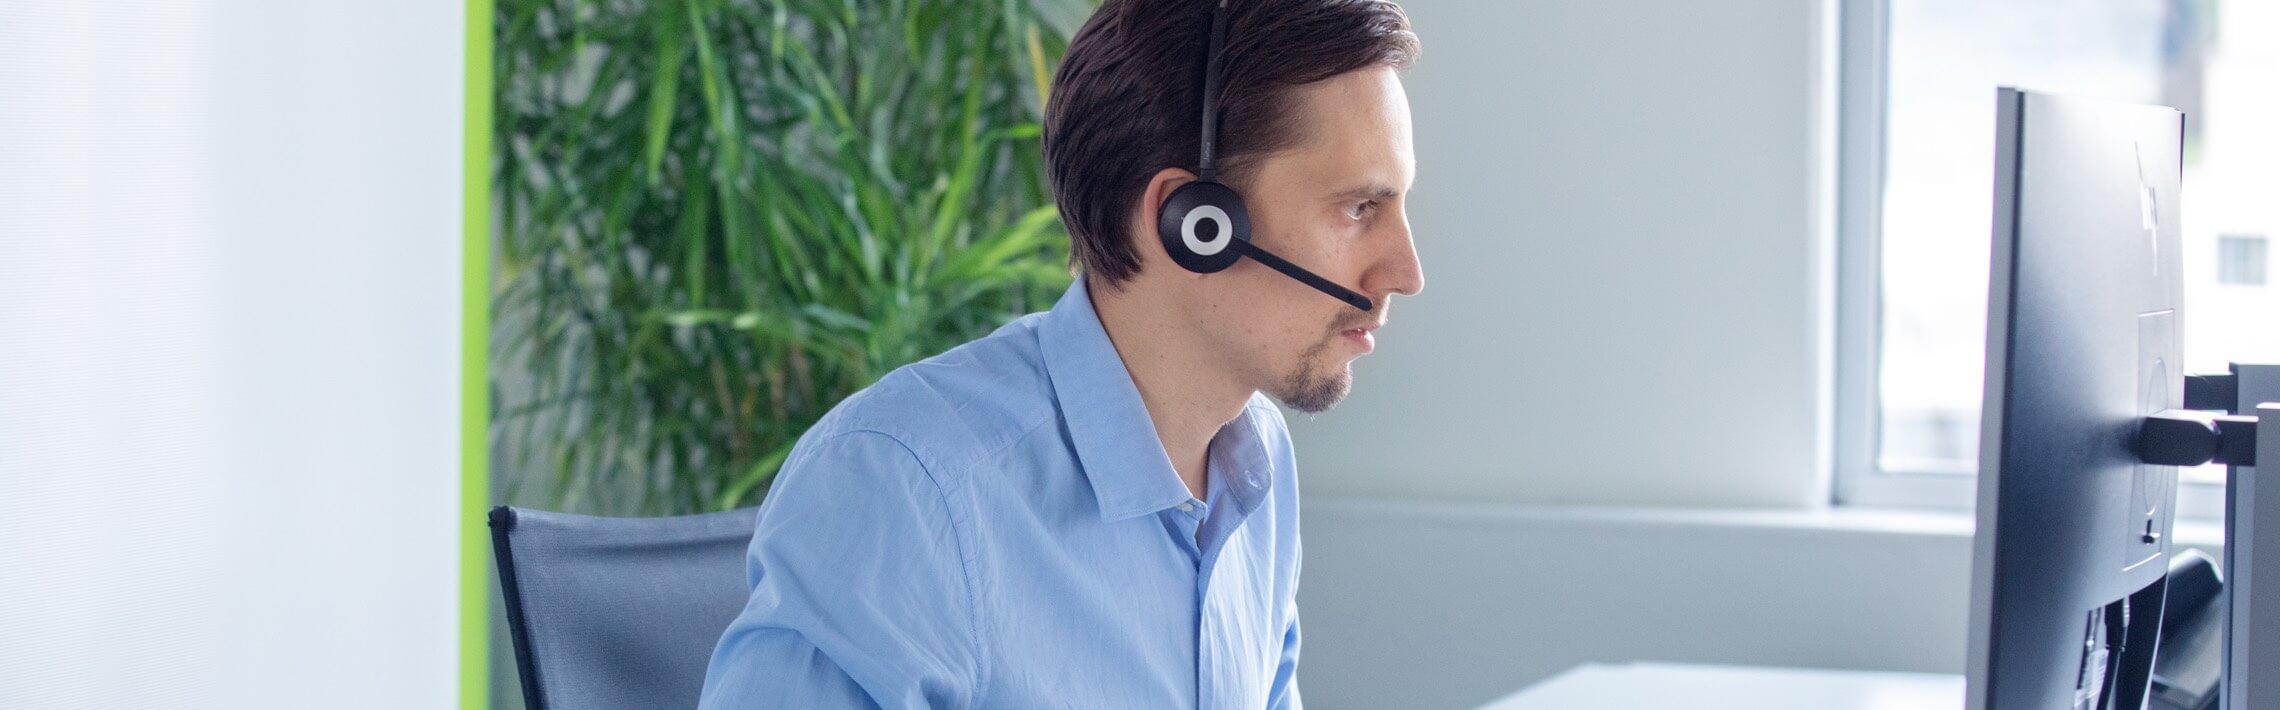 VOIP Lösungen wie 3CX oder Microsoft Teams für maximale Flexibilität und Mobilität